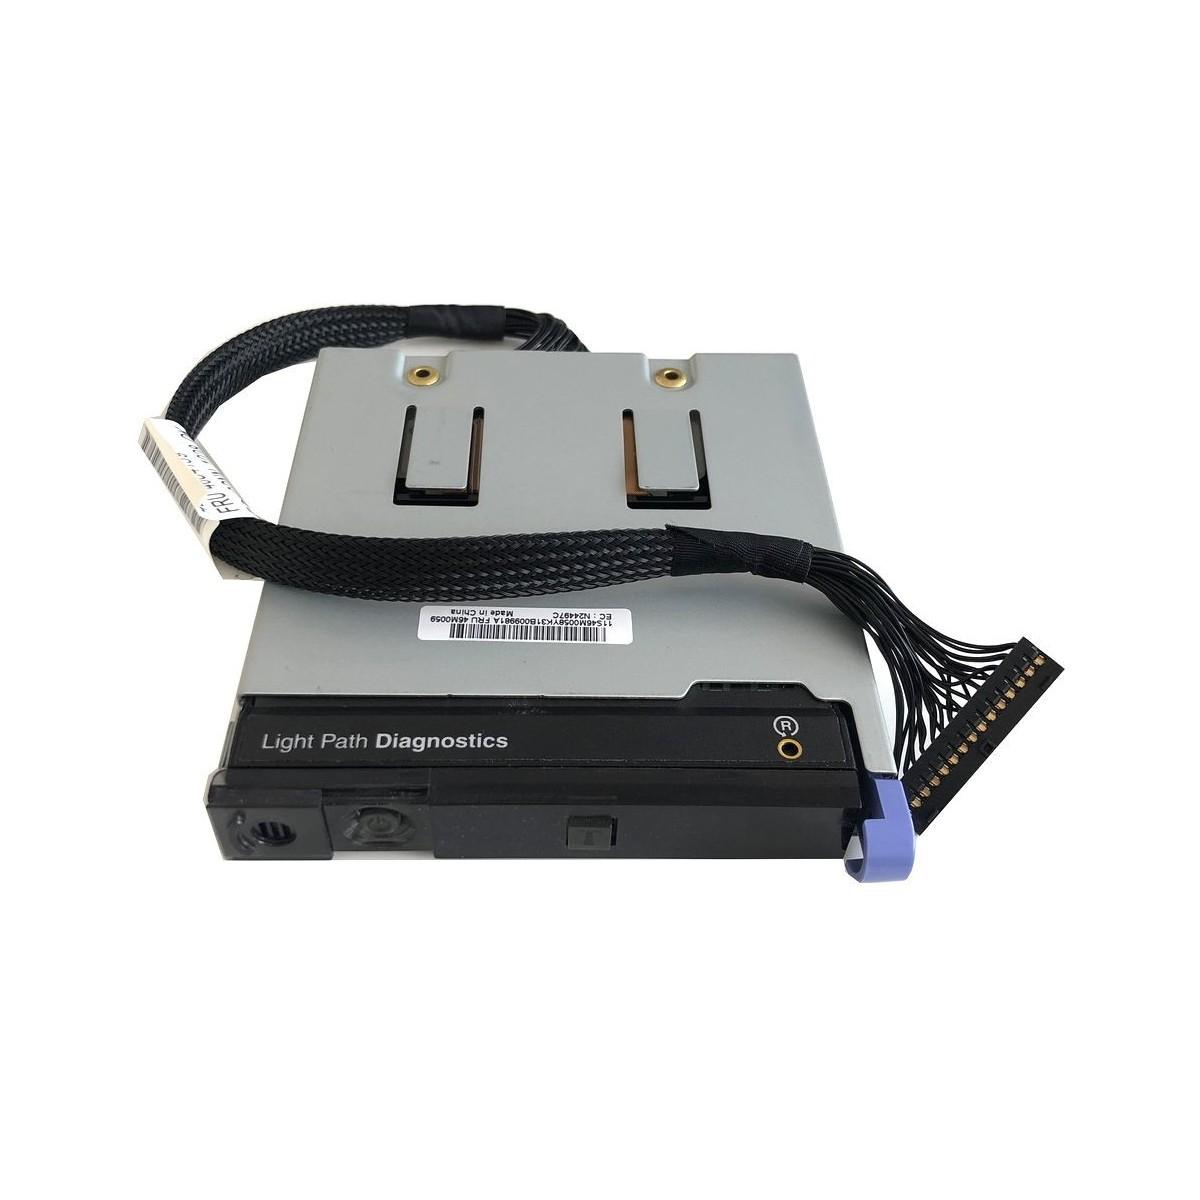 HP Z620 8CORE E5 2660 32GB 256SSD Q4000 WIN10 PRO